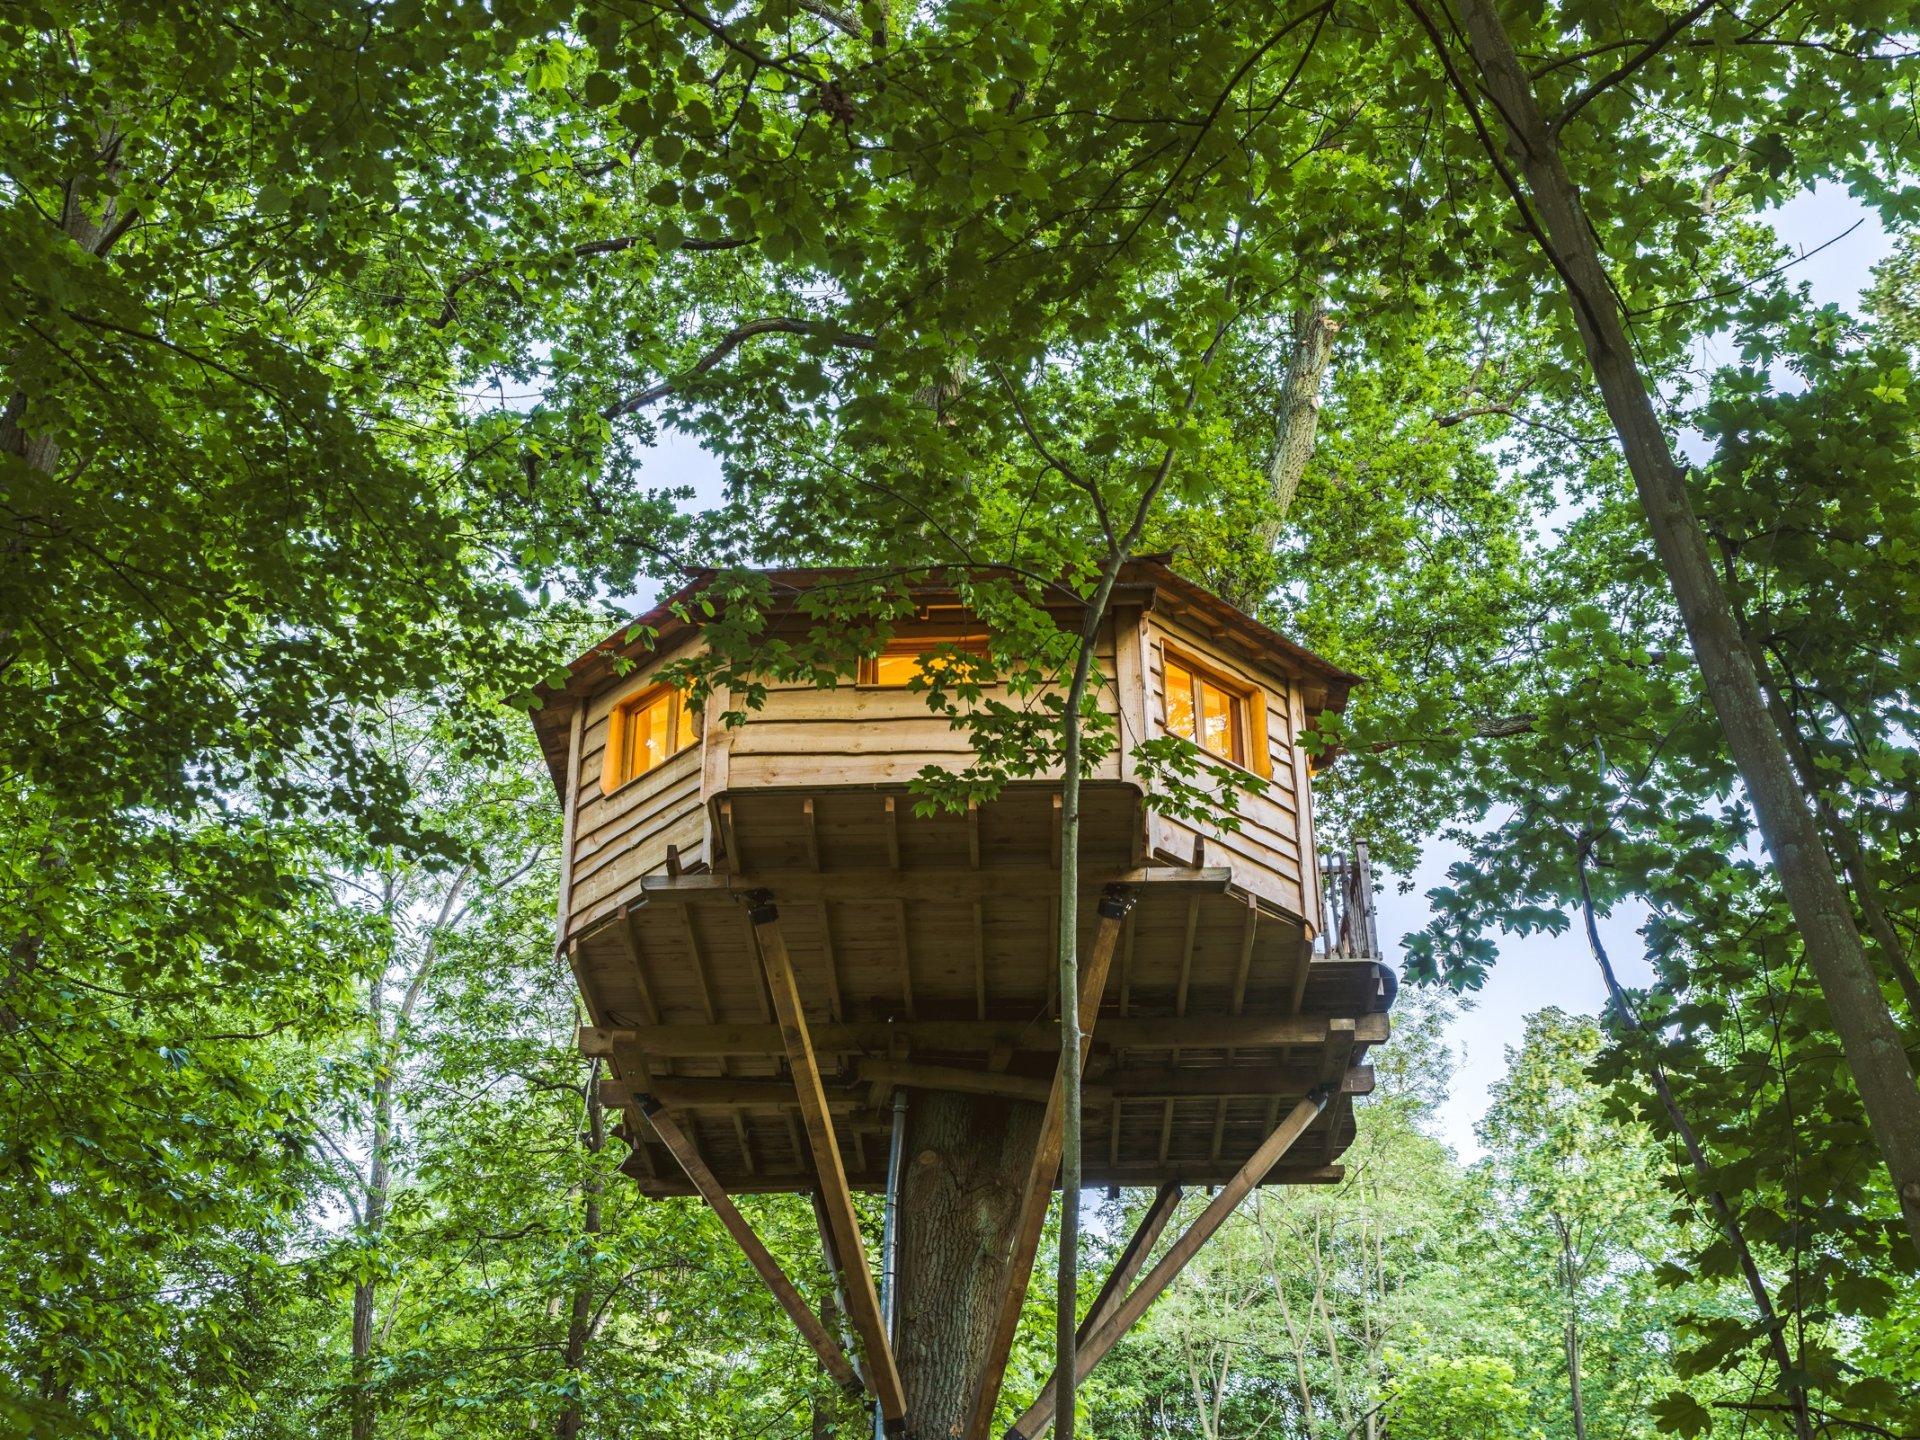 secr te cabane dans les arbres picardie hauts de france hebergement insolite dormir bulle. Black Bedroom Furniture Sets. Home Design Ideas